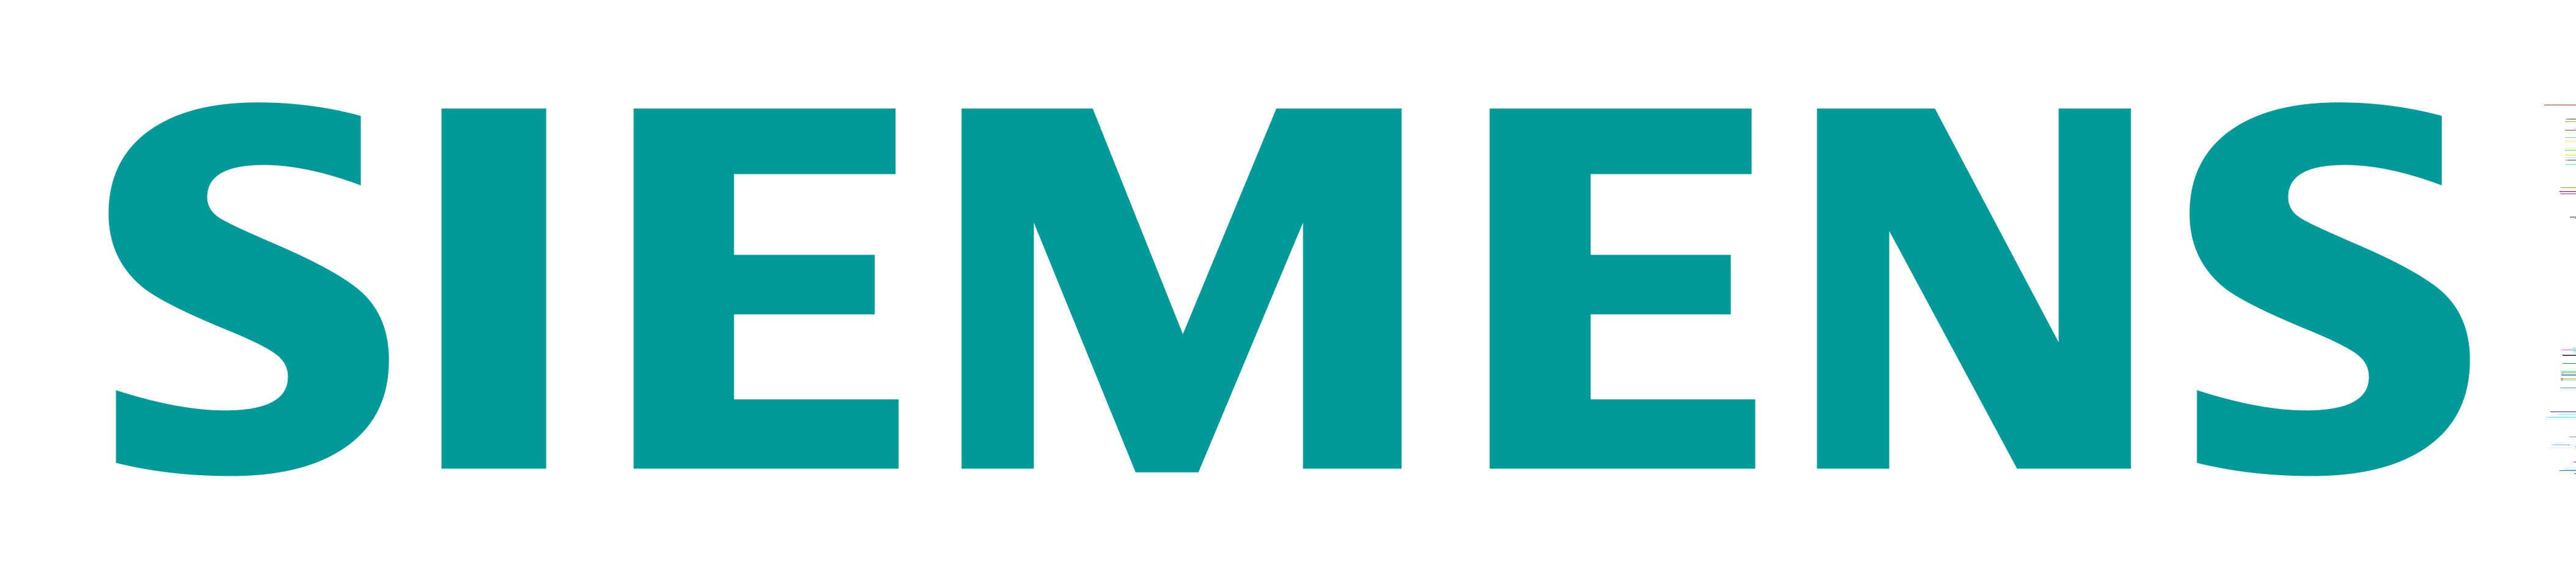 Innovazione tecnologica Siemens per competitività industria italiana